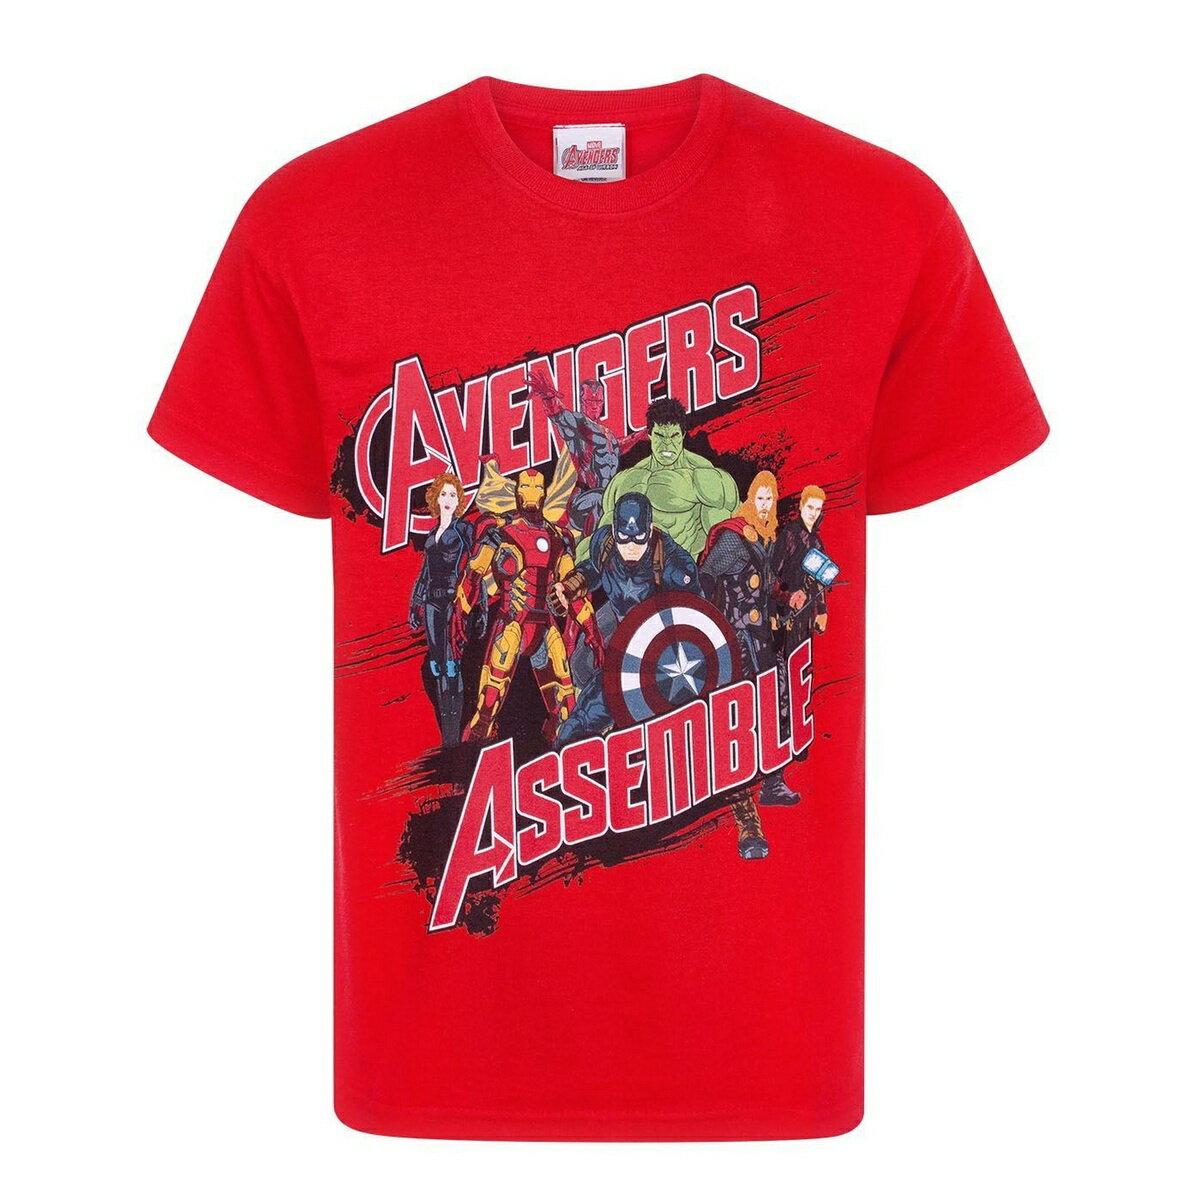 (マーベル) Marvel アベンジャーズ オフィシャル商品 子供用 半袖 キャラクター Tシャツ 男の子 【楽天海外直送】